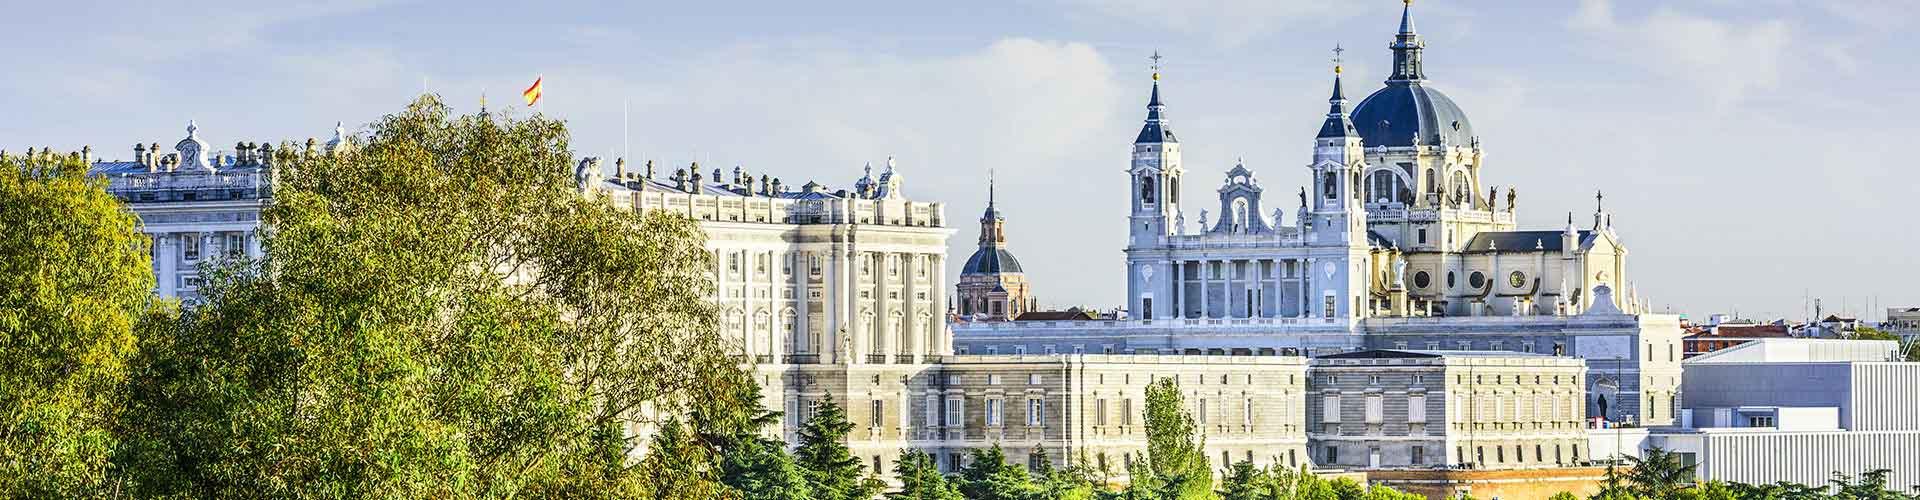 Madrid – Huoneet lähellä maamerkkiä Madrid-Barajas lentokenttä. Madrid -karttoja, valokuvia ja arvosteluja kaikista Madrid -huoneista.